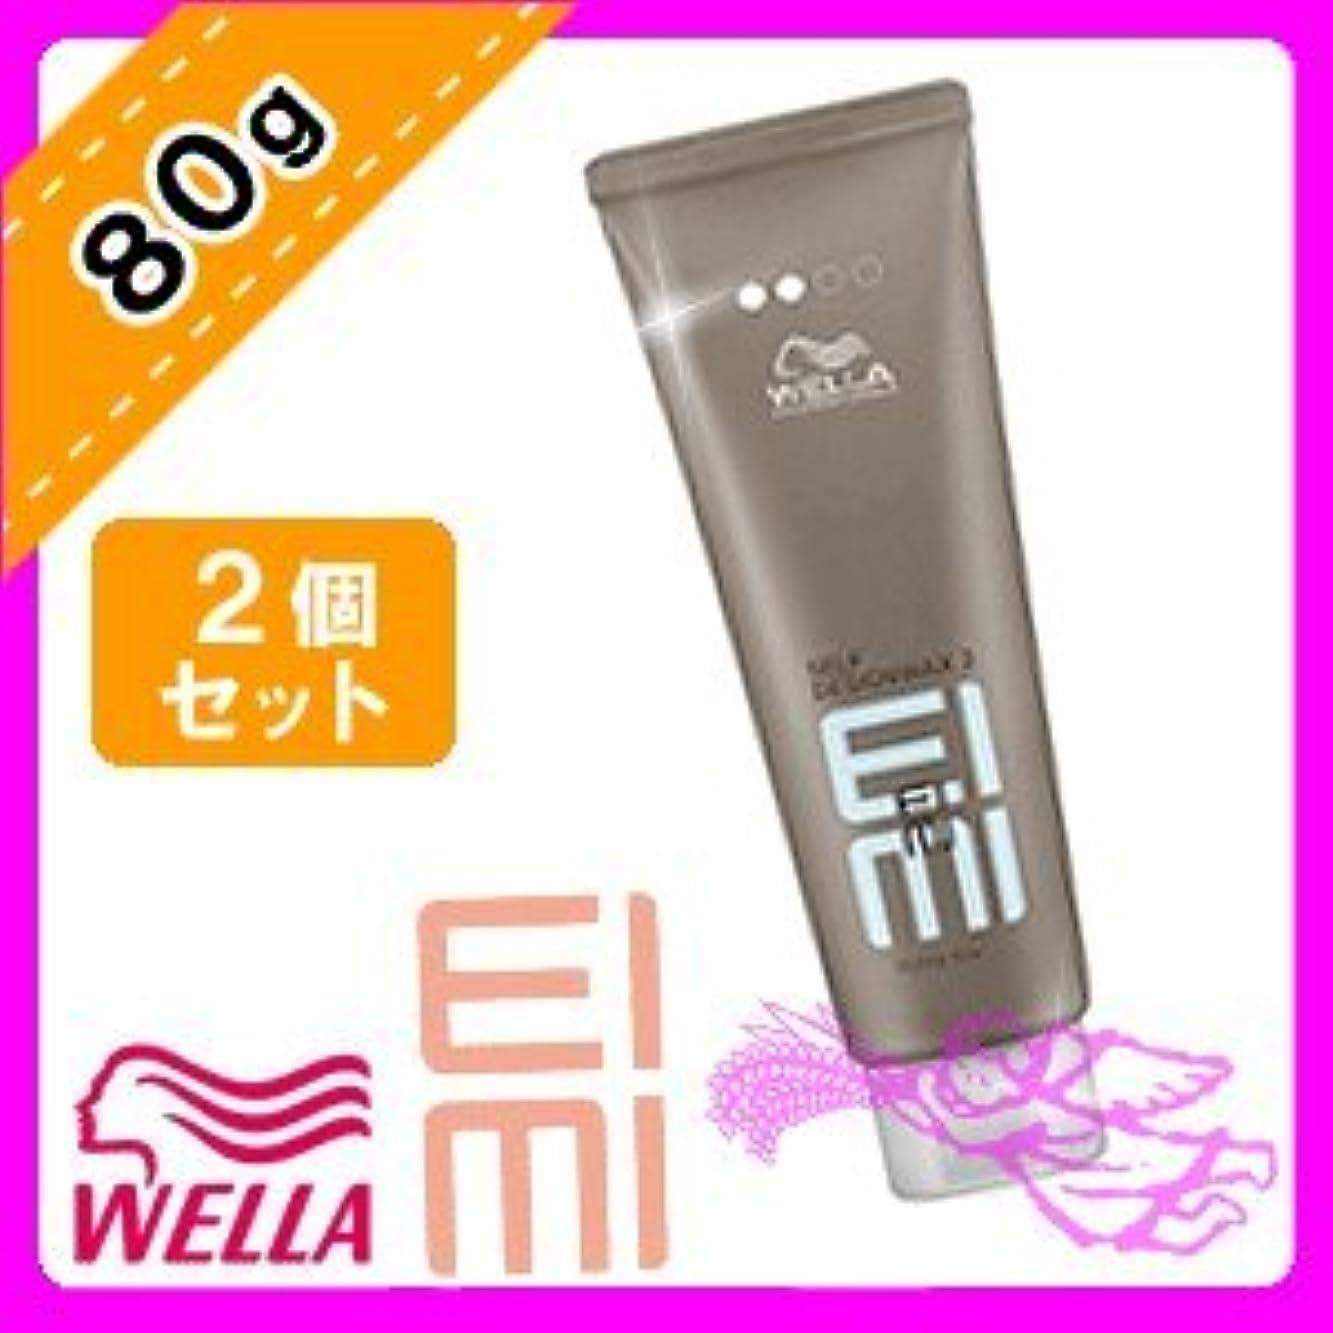 ブラウス記者服を片付けるウエラ EIMI(アイミィ) セルフデザインワックス2 80g ×2個 セット WELLA P&G